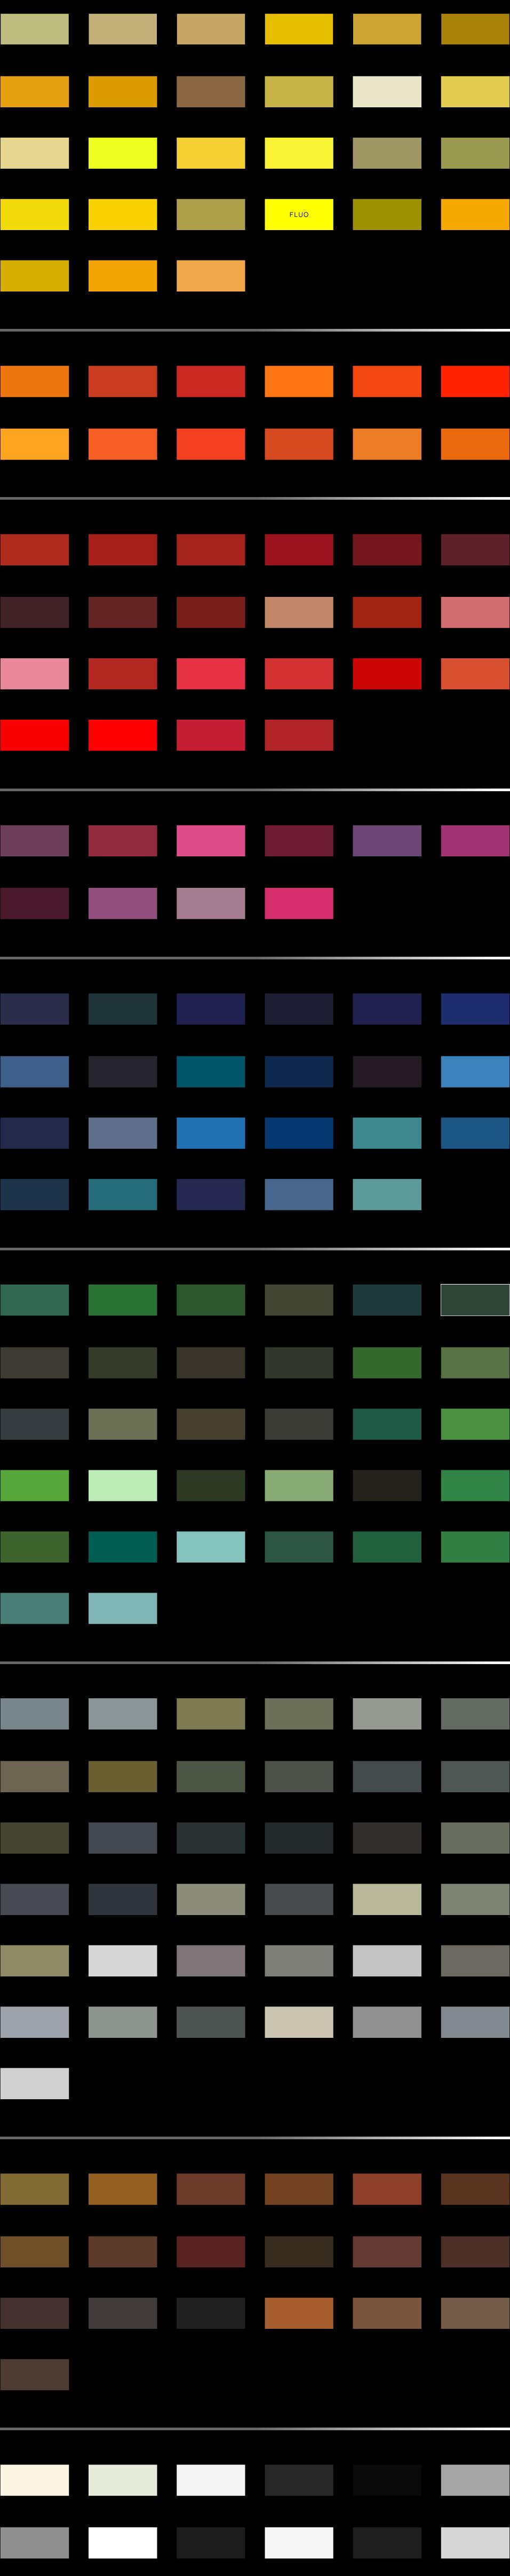 RAL colori